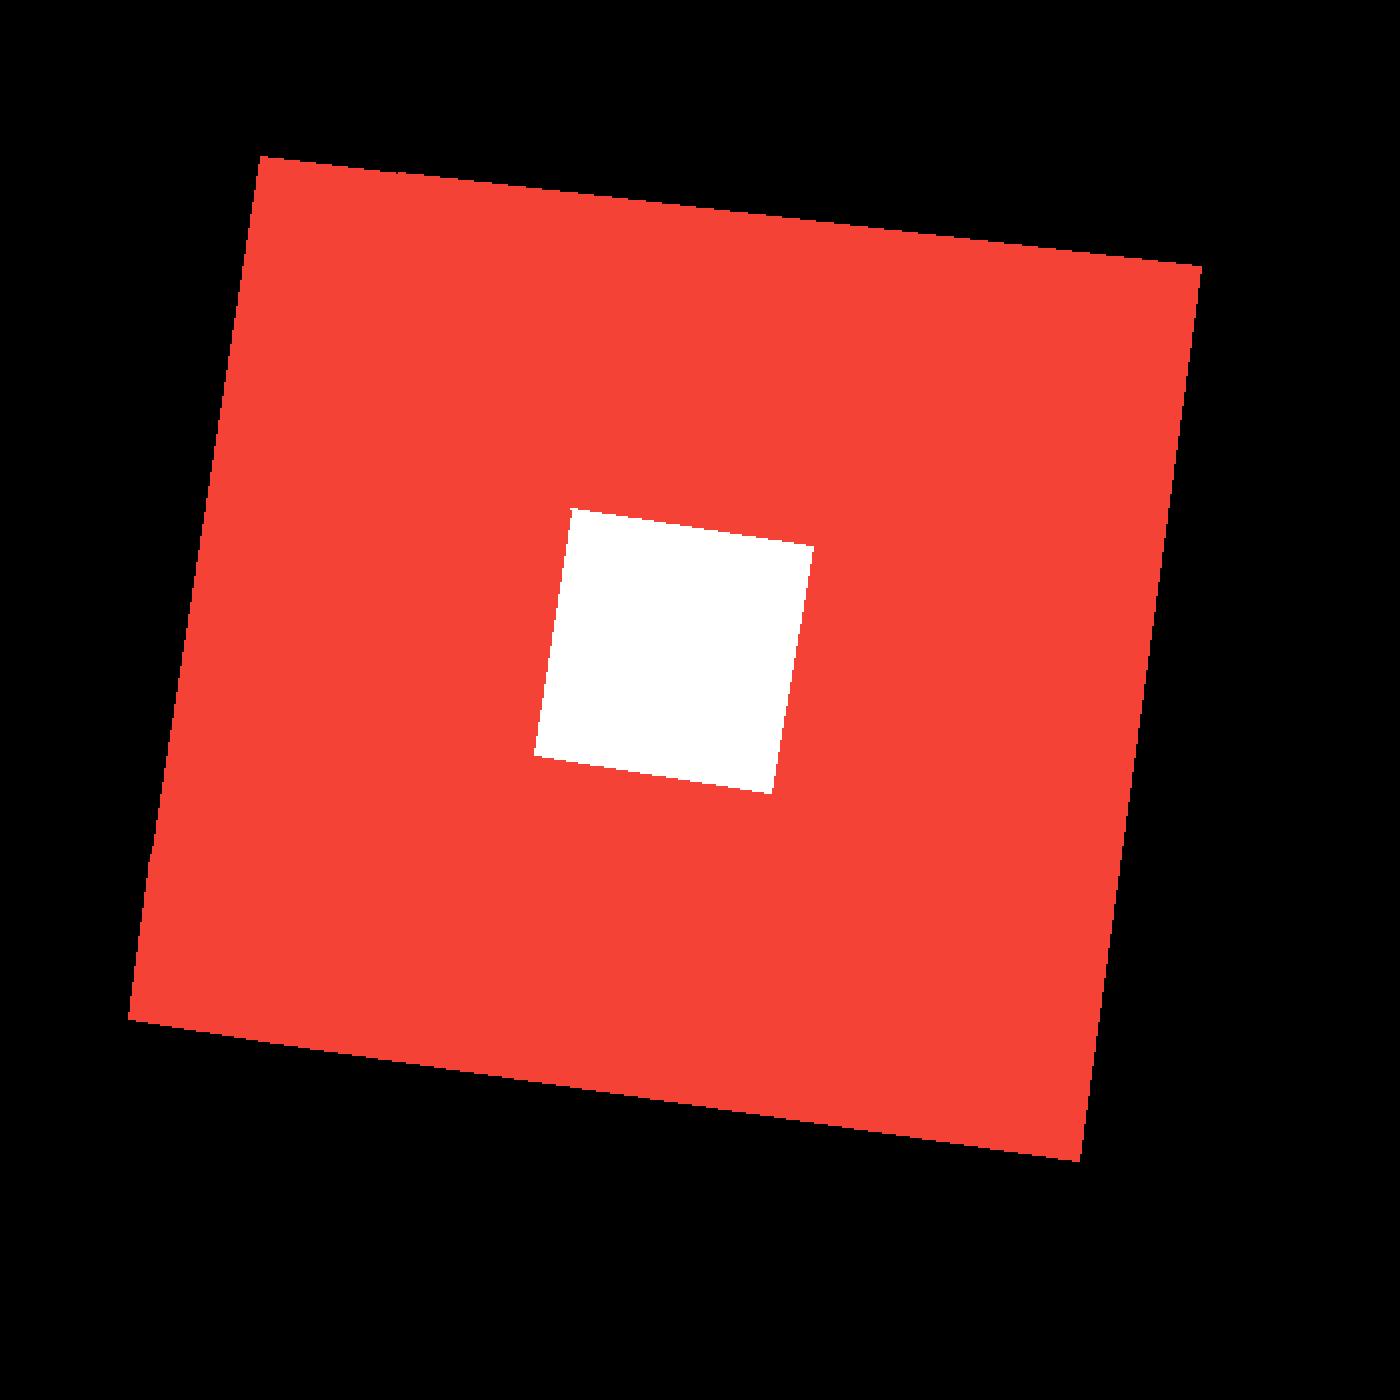 Pixilart - Roblox Logo (O) by Tenshilixu